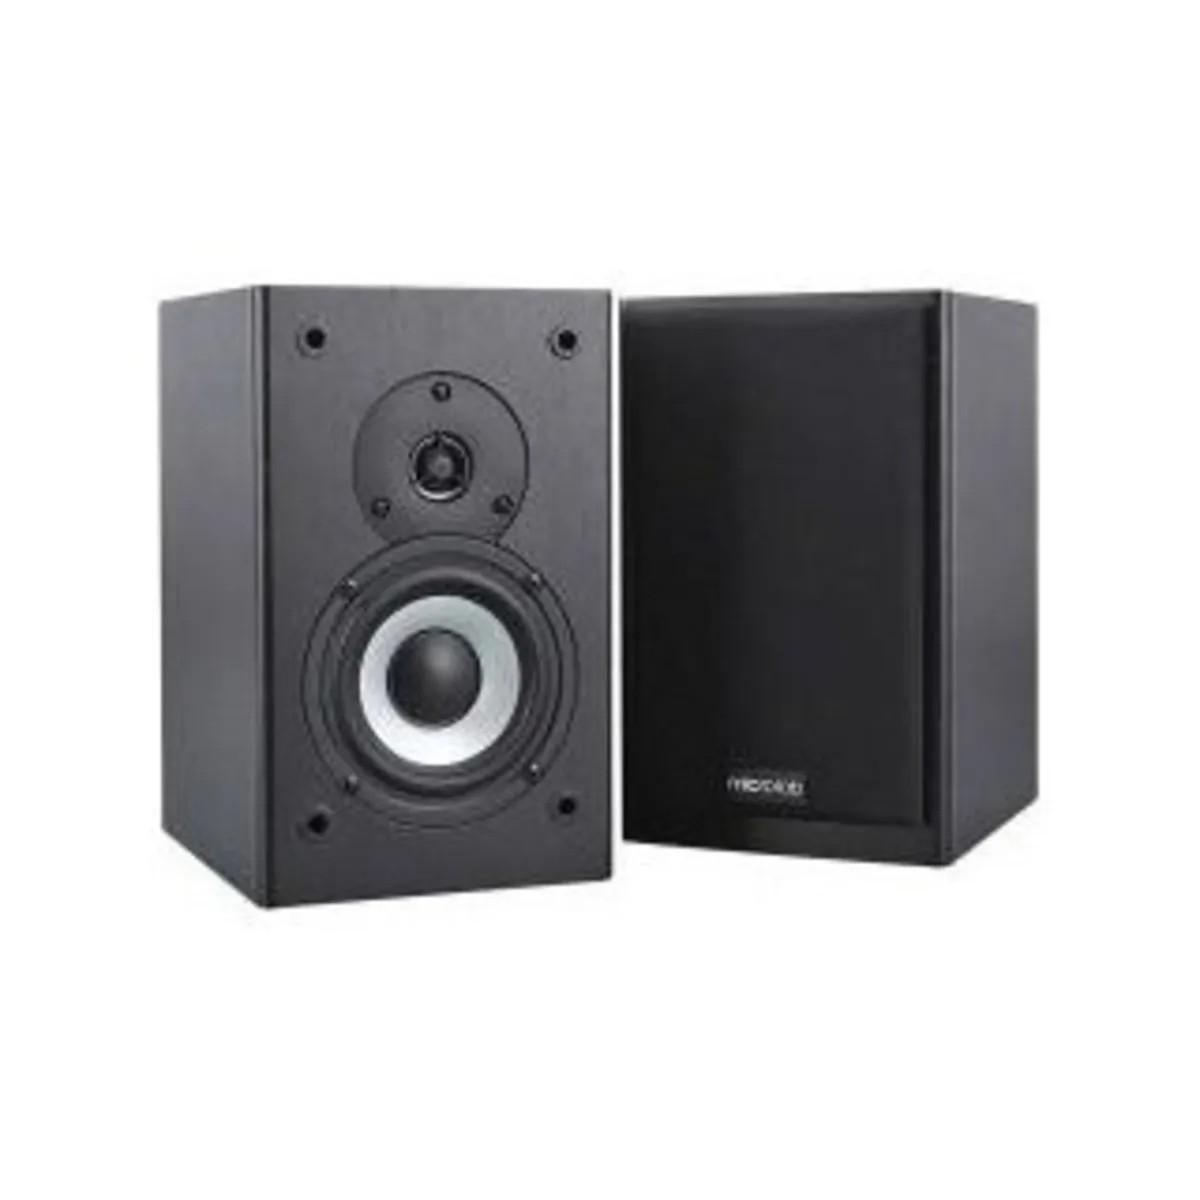 Caixa de Som Microlab B72 24w Rms Monitor de Áudio